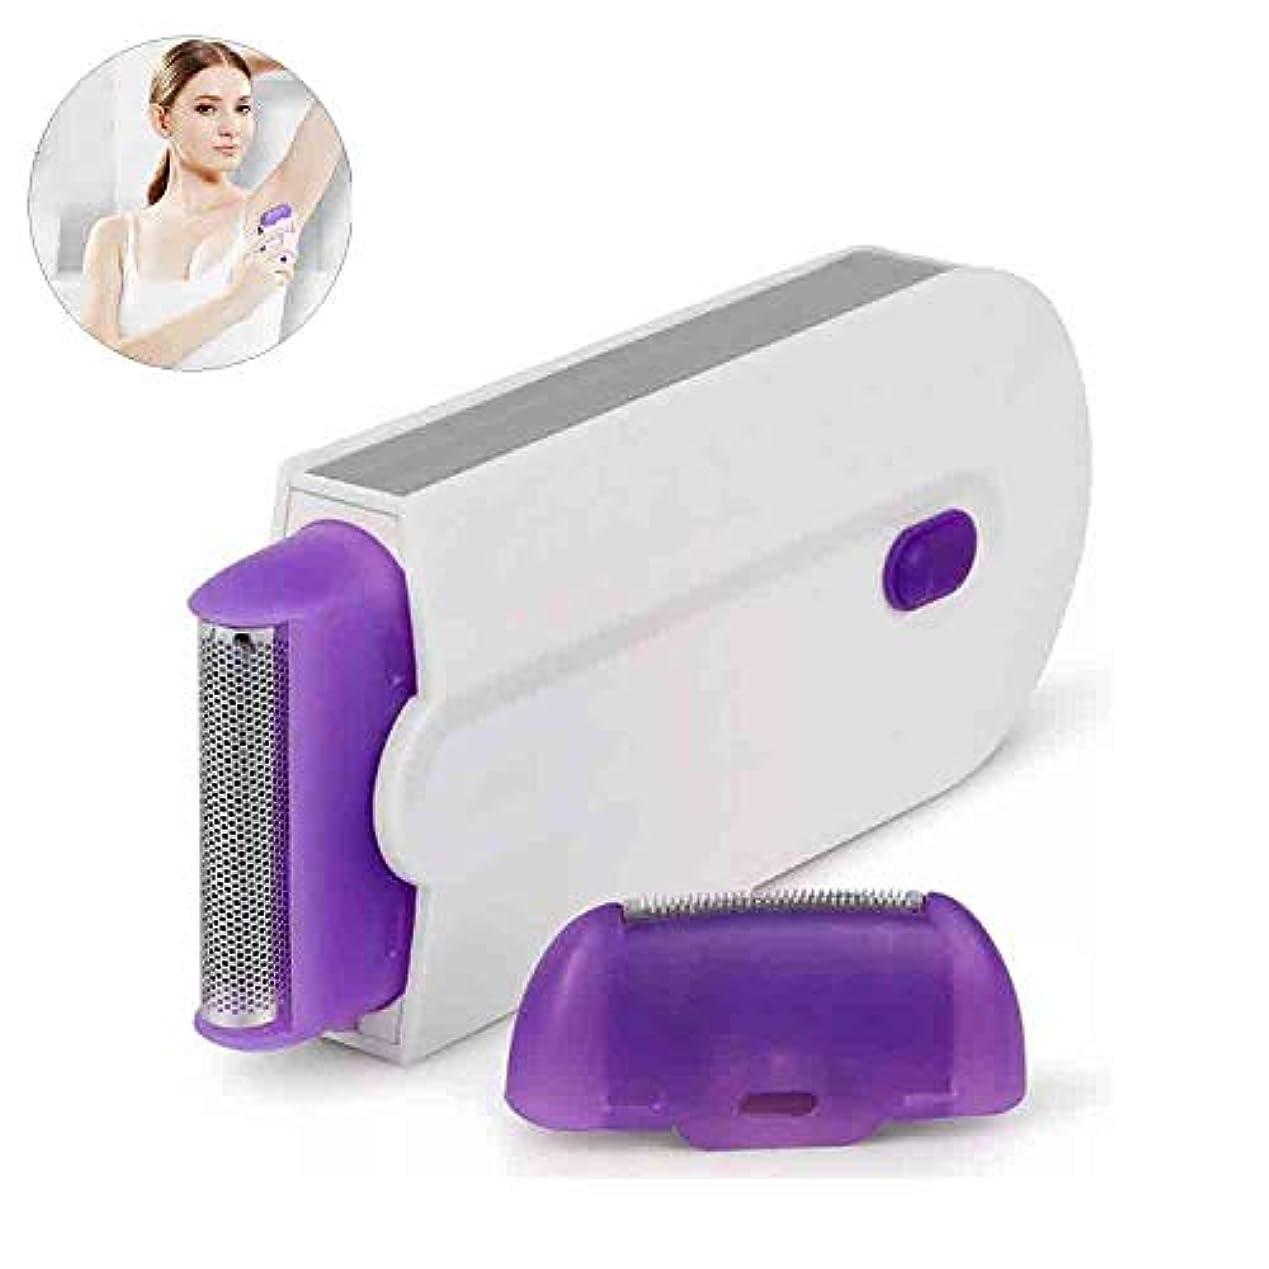 偽善独占呪われた電気シェーバー、USB 充電誘導の女性の摘採装置、レーザー脱毛